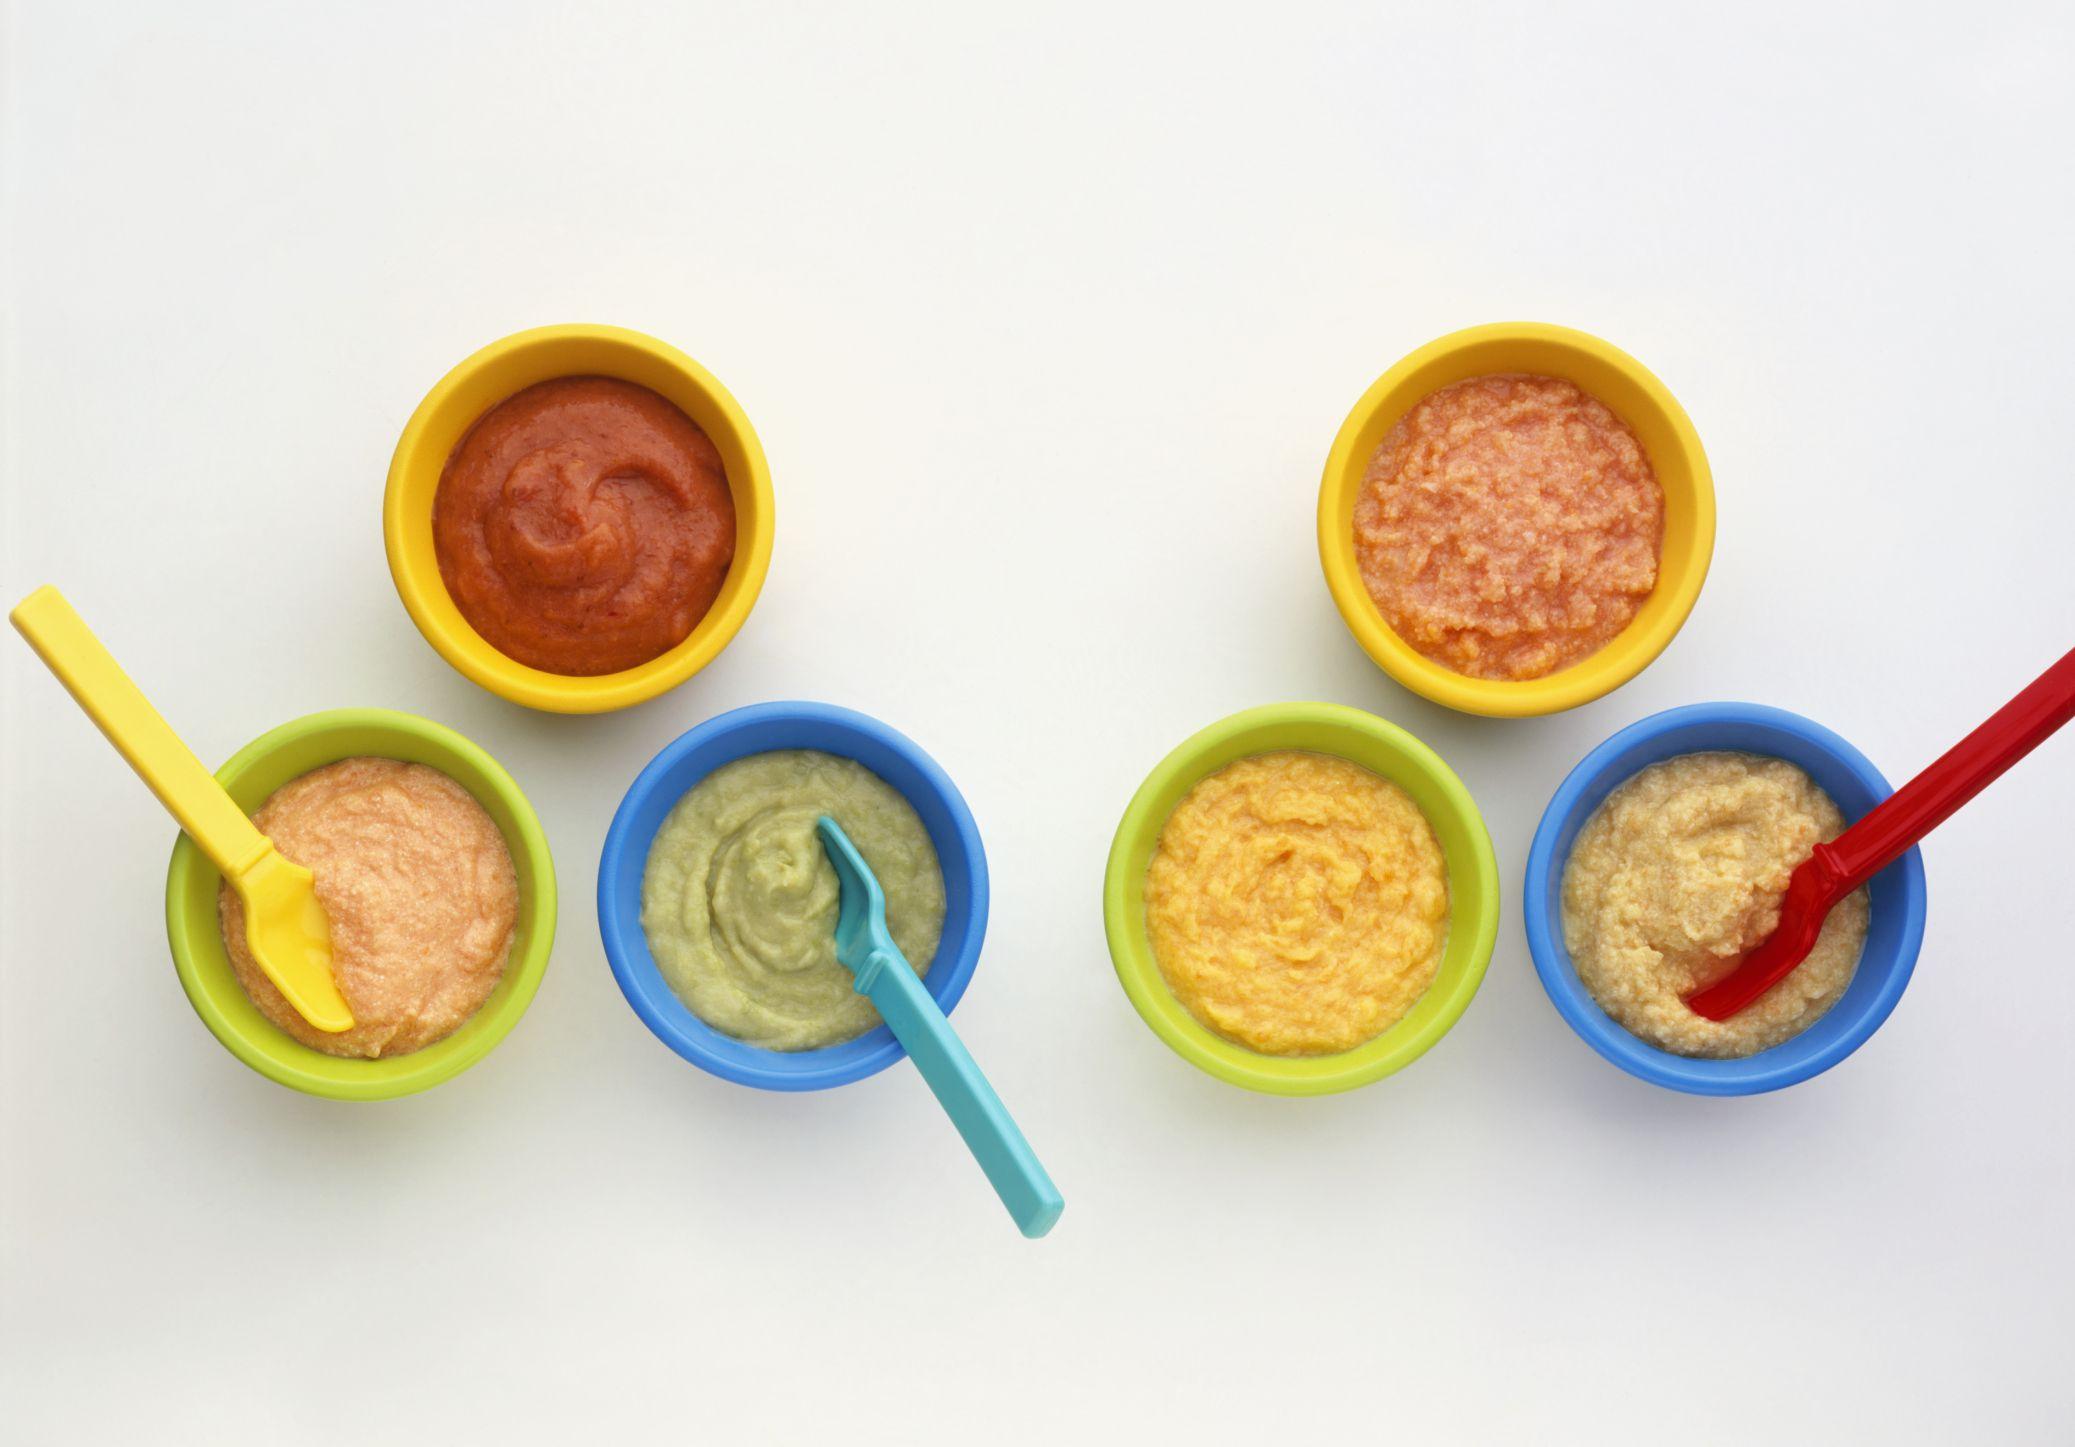 glutenfree baby food